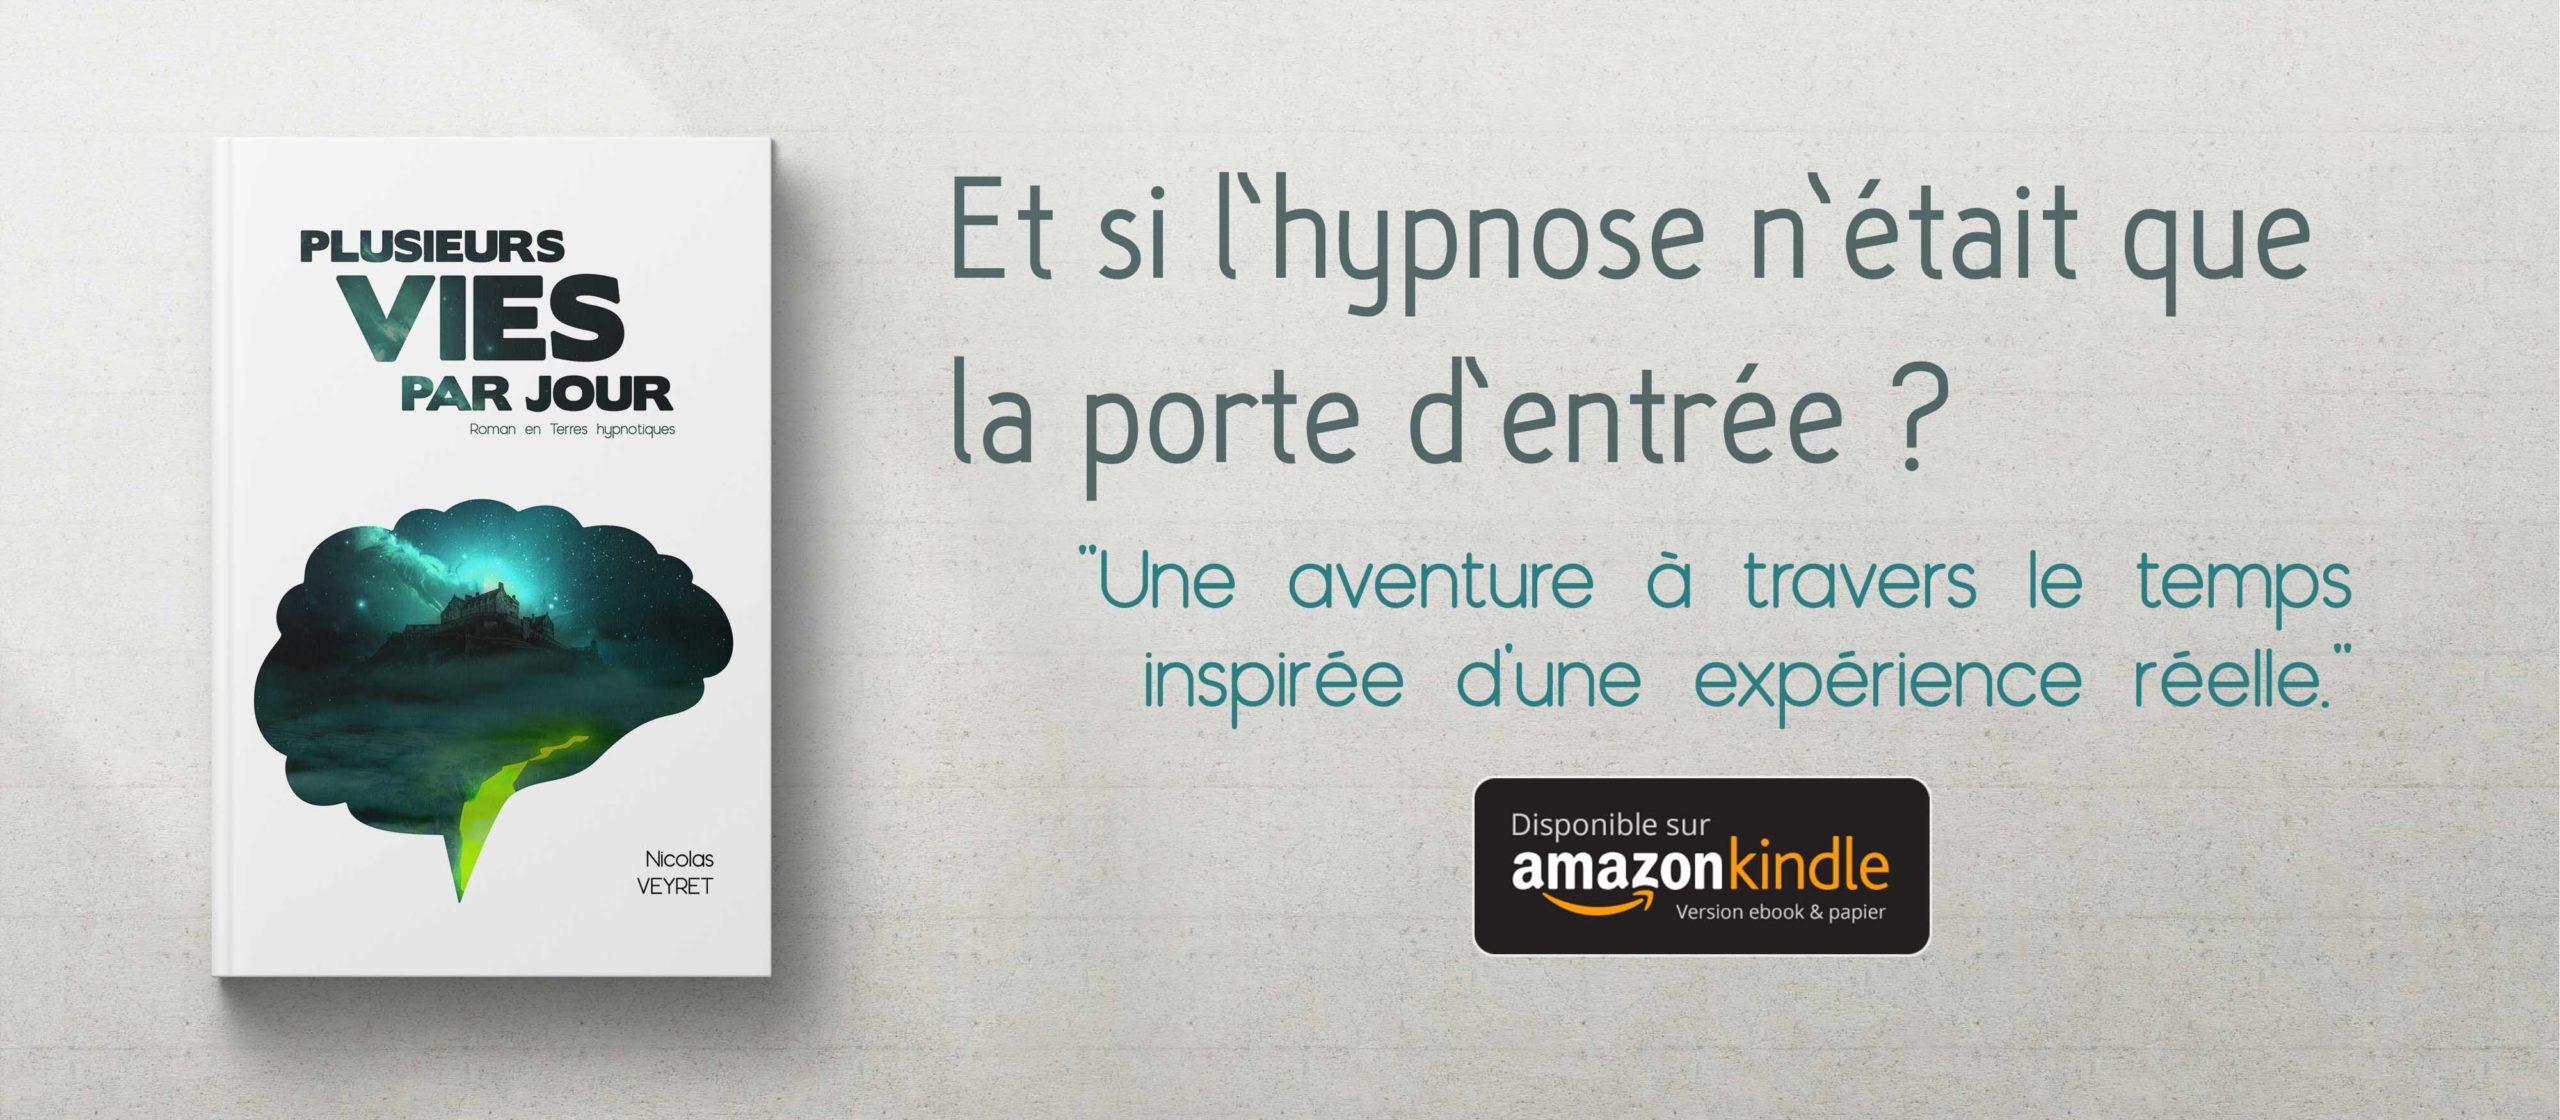 Plusieurs vies par jour - Roman en Terres hypnotiques - Disponible sur Amazon Kindle en version ebook et papier